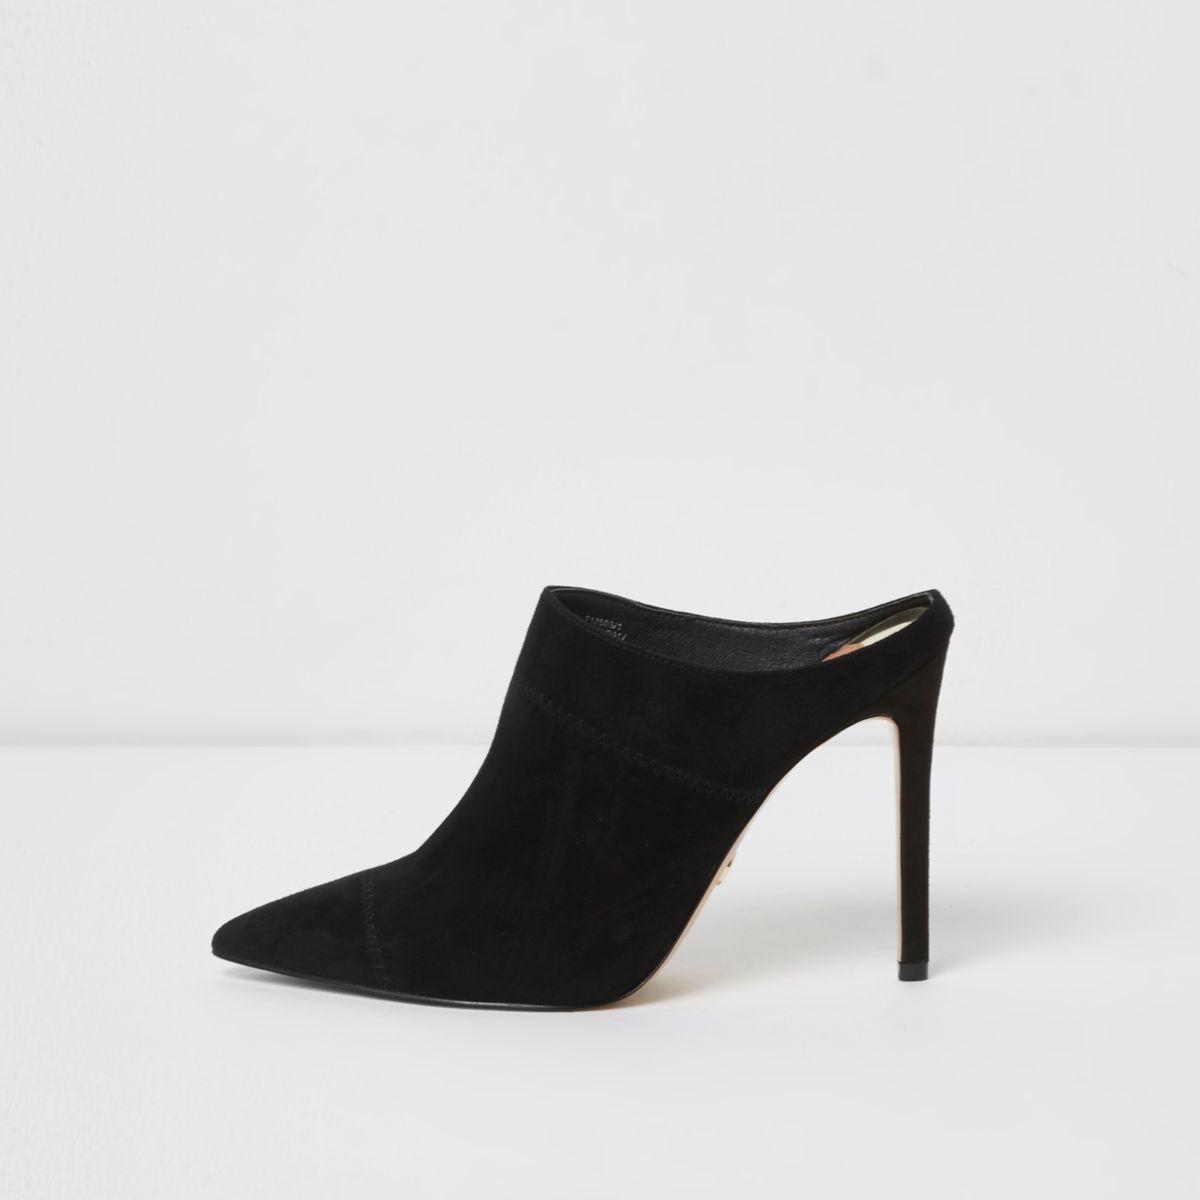 Black pointed heeled mule pumps